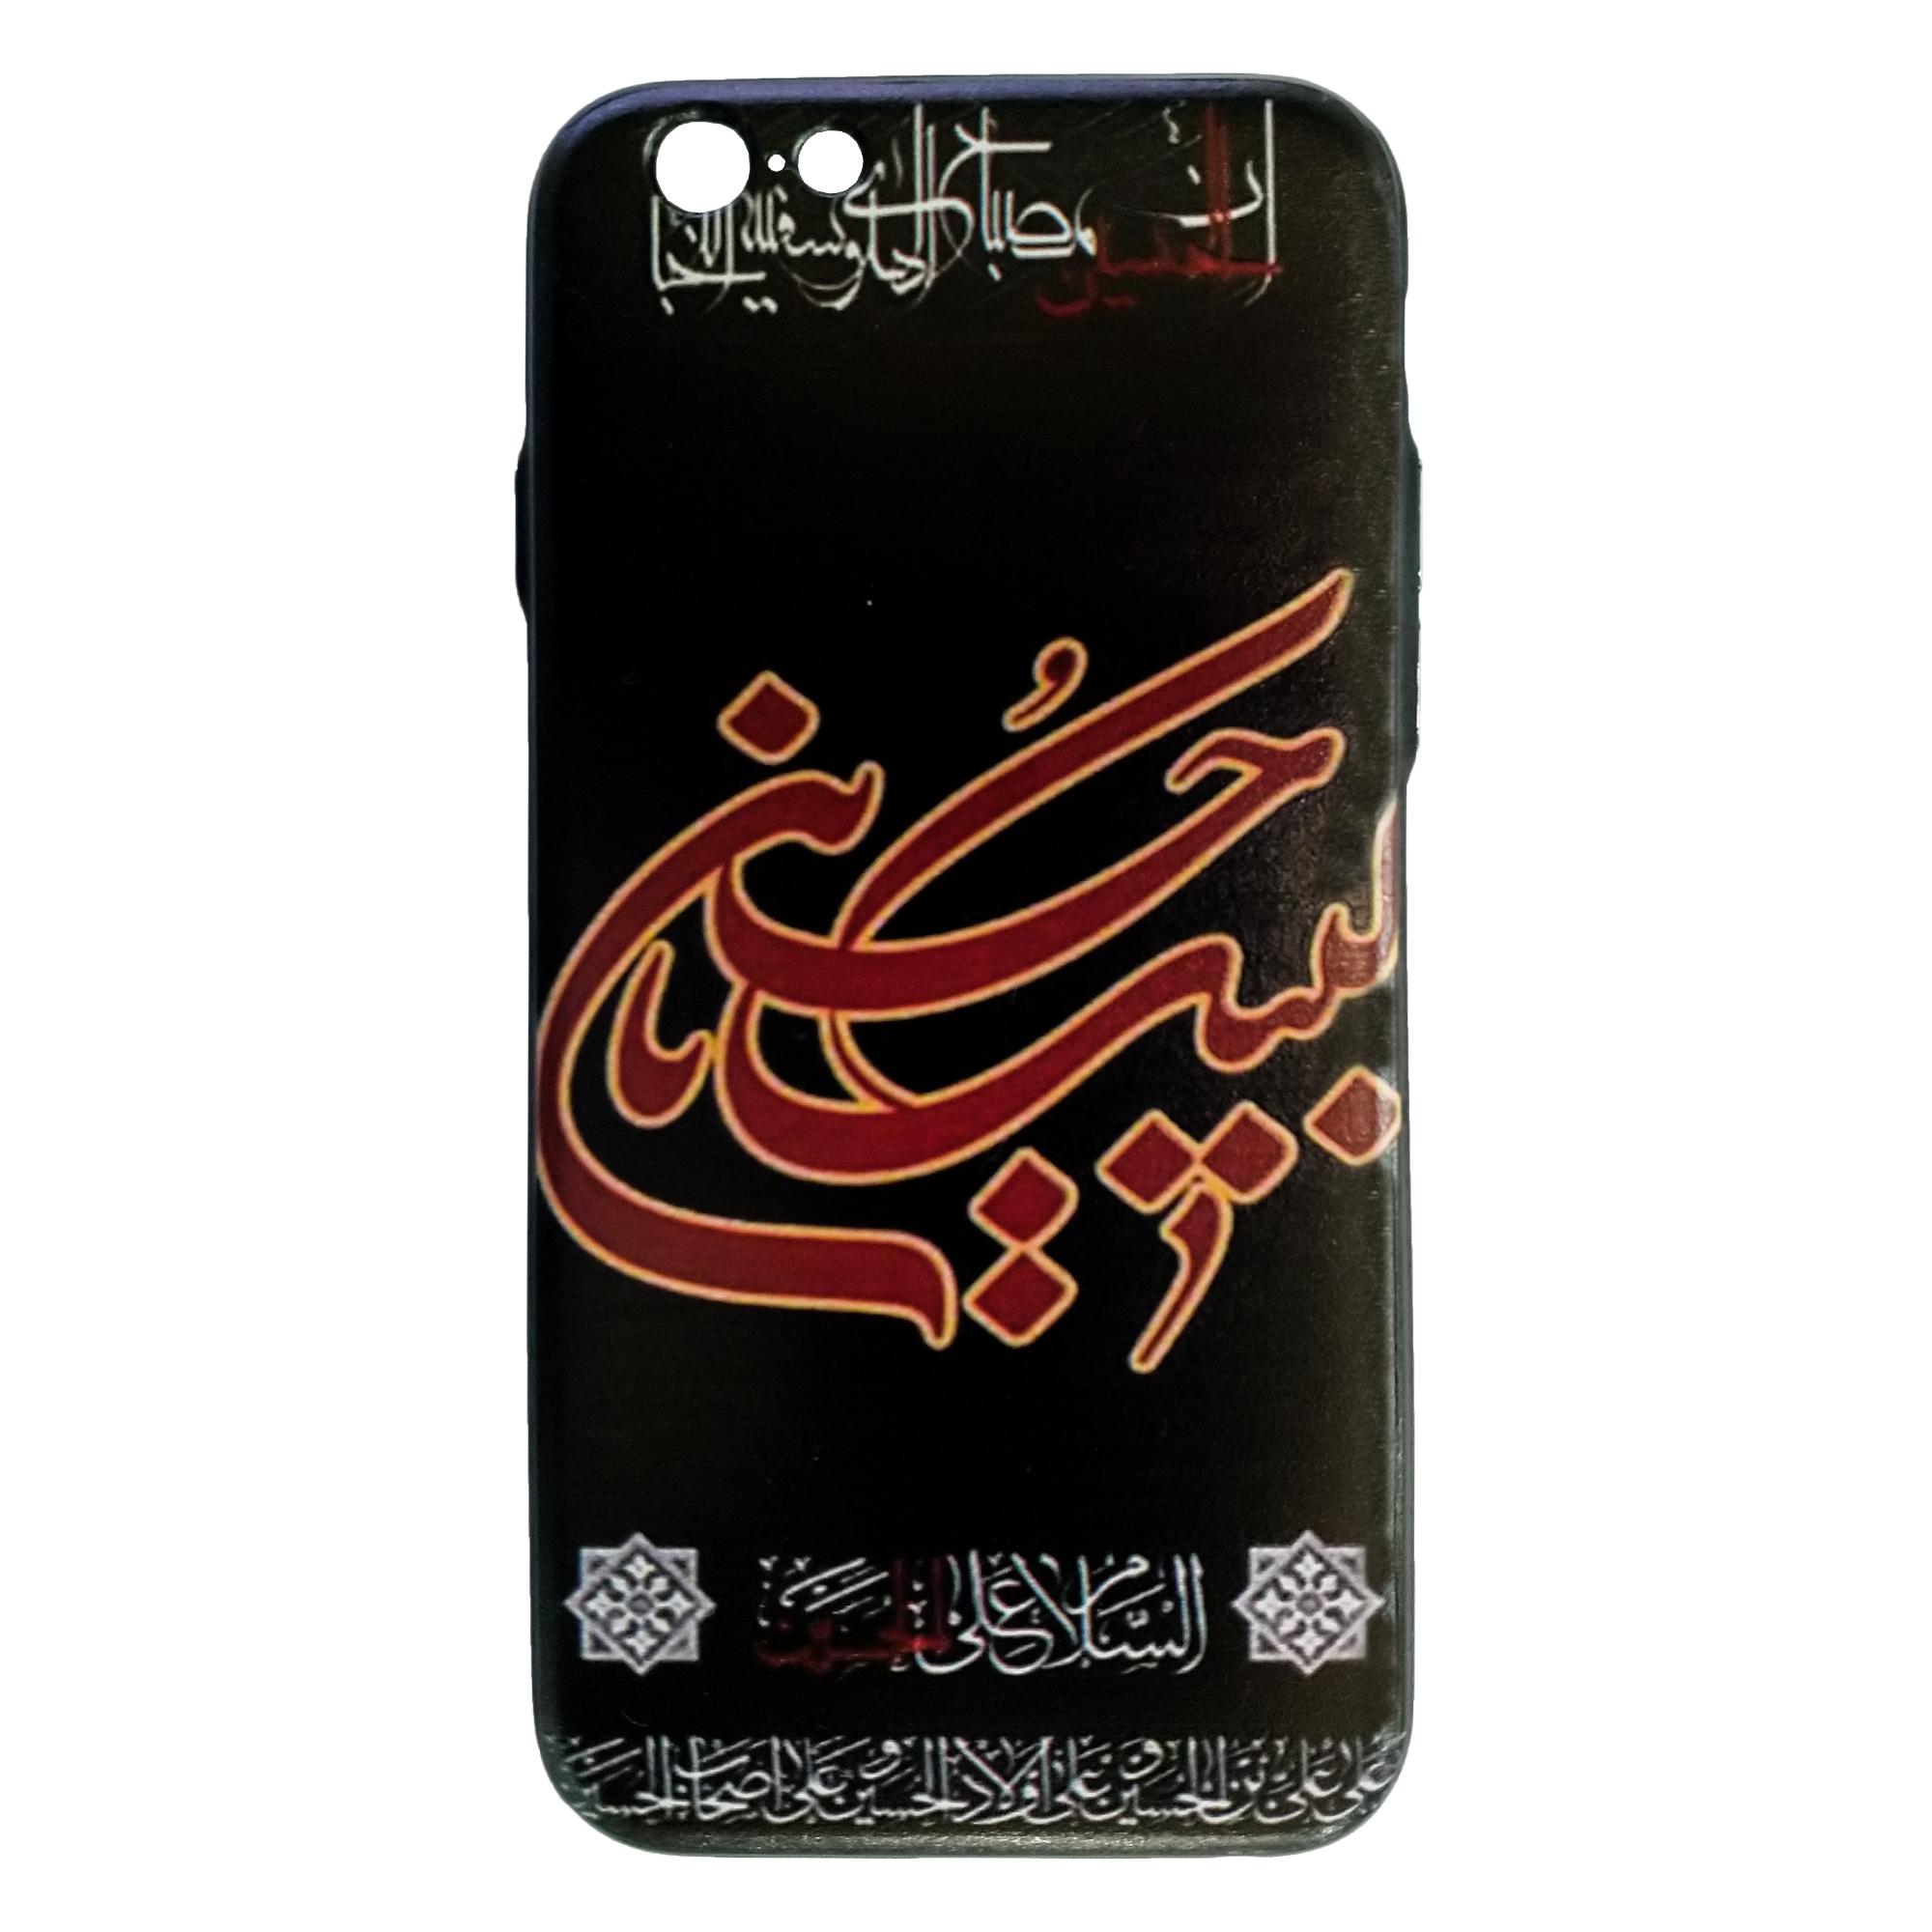 کاور ان ایکس ای دیزاین مدل BK طرح لبیک یا حسین مناسب گوشی موبایل اپل Iphone 6/6s